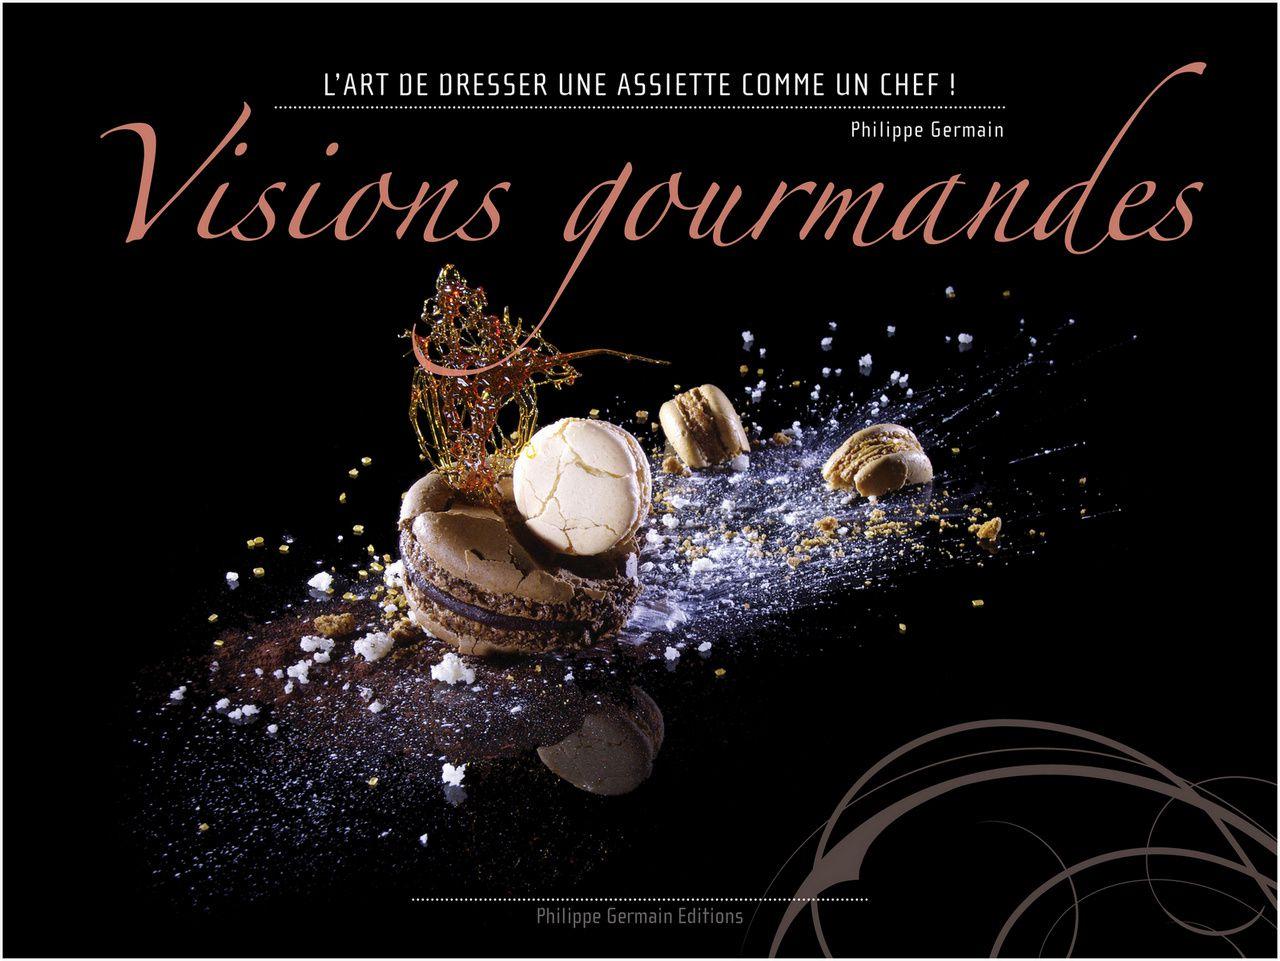 Visions gourmandes &quot&#x3B;L'art de dresser et présenter une assiette comme un Chef de la gastronomie&quot&#x3B;